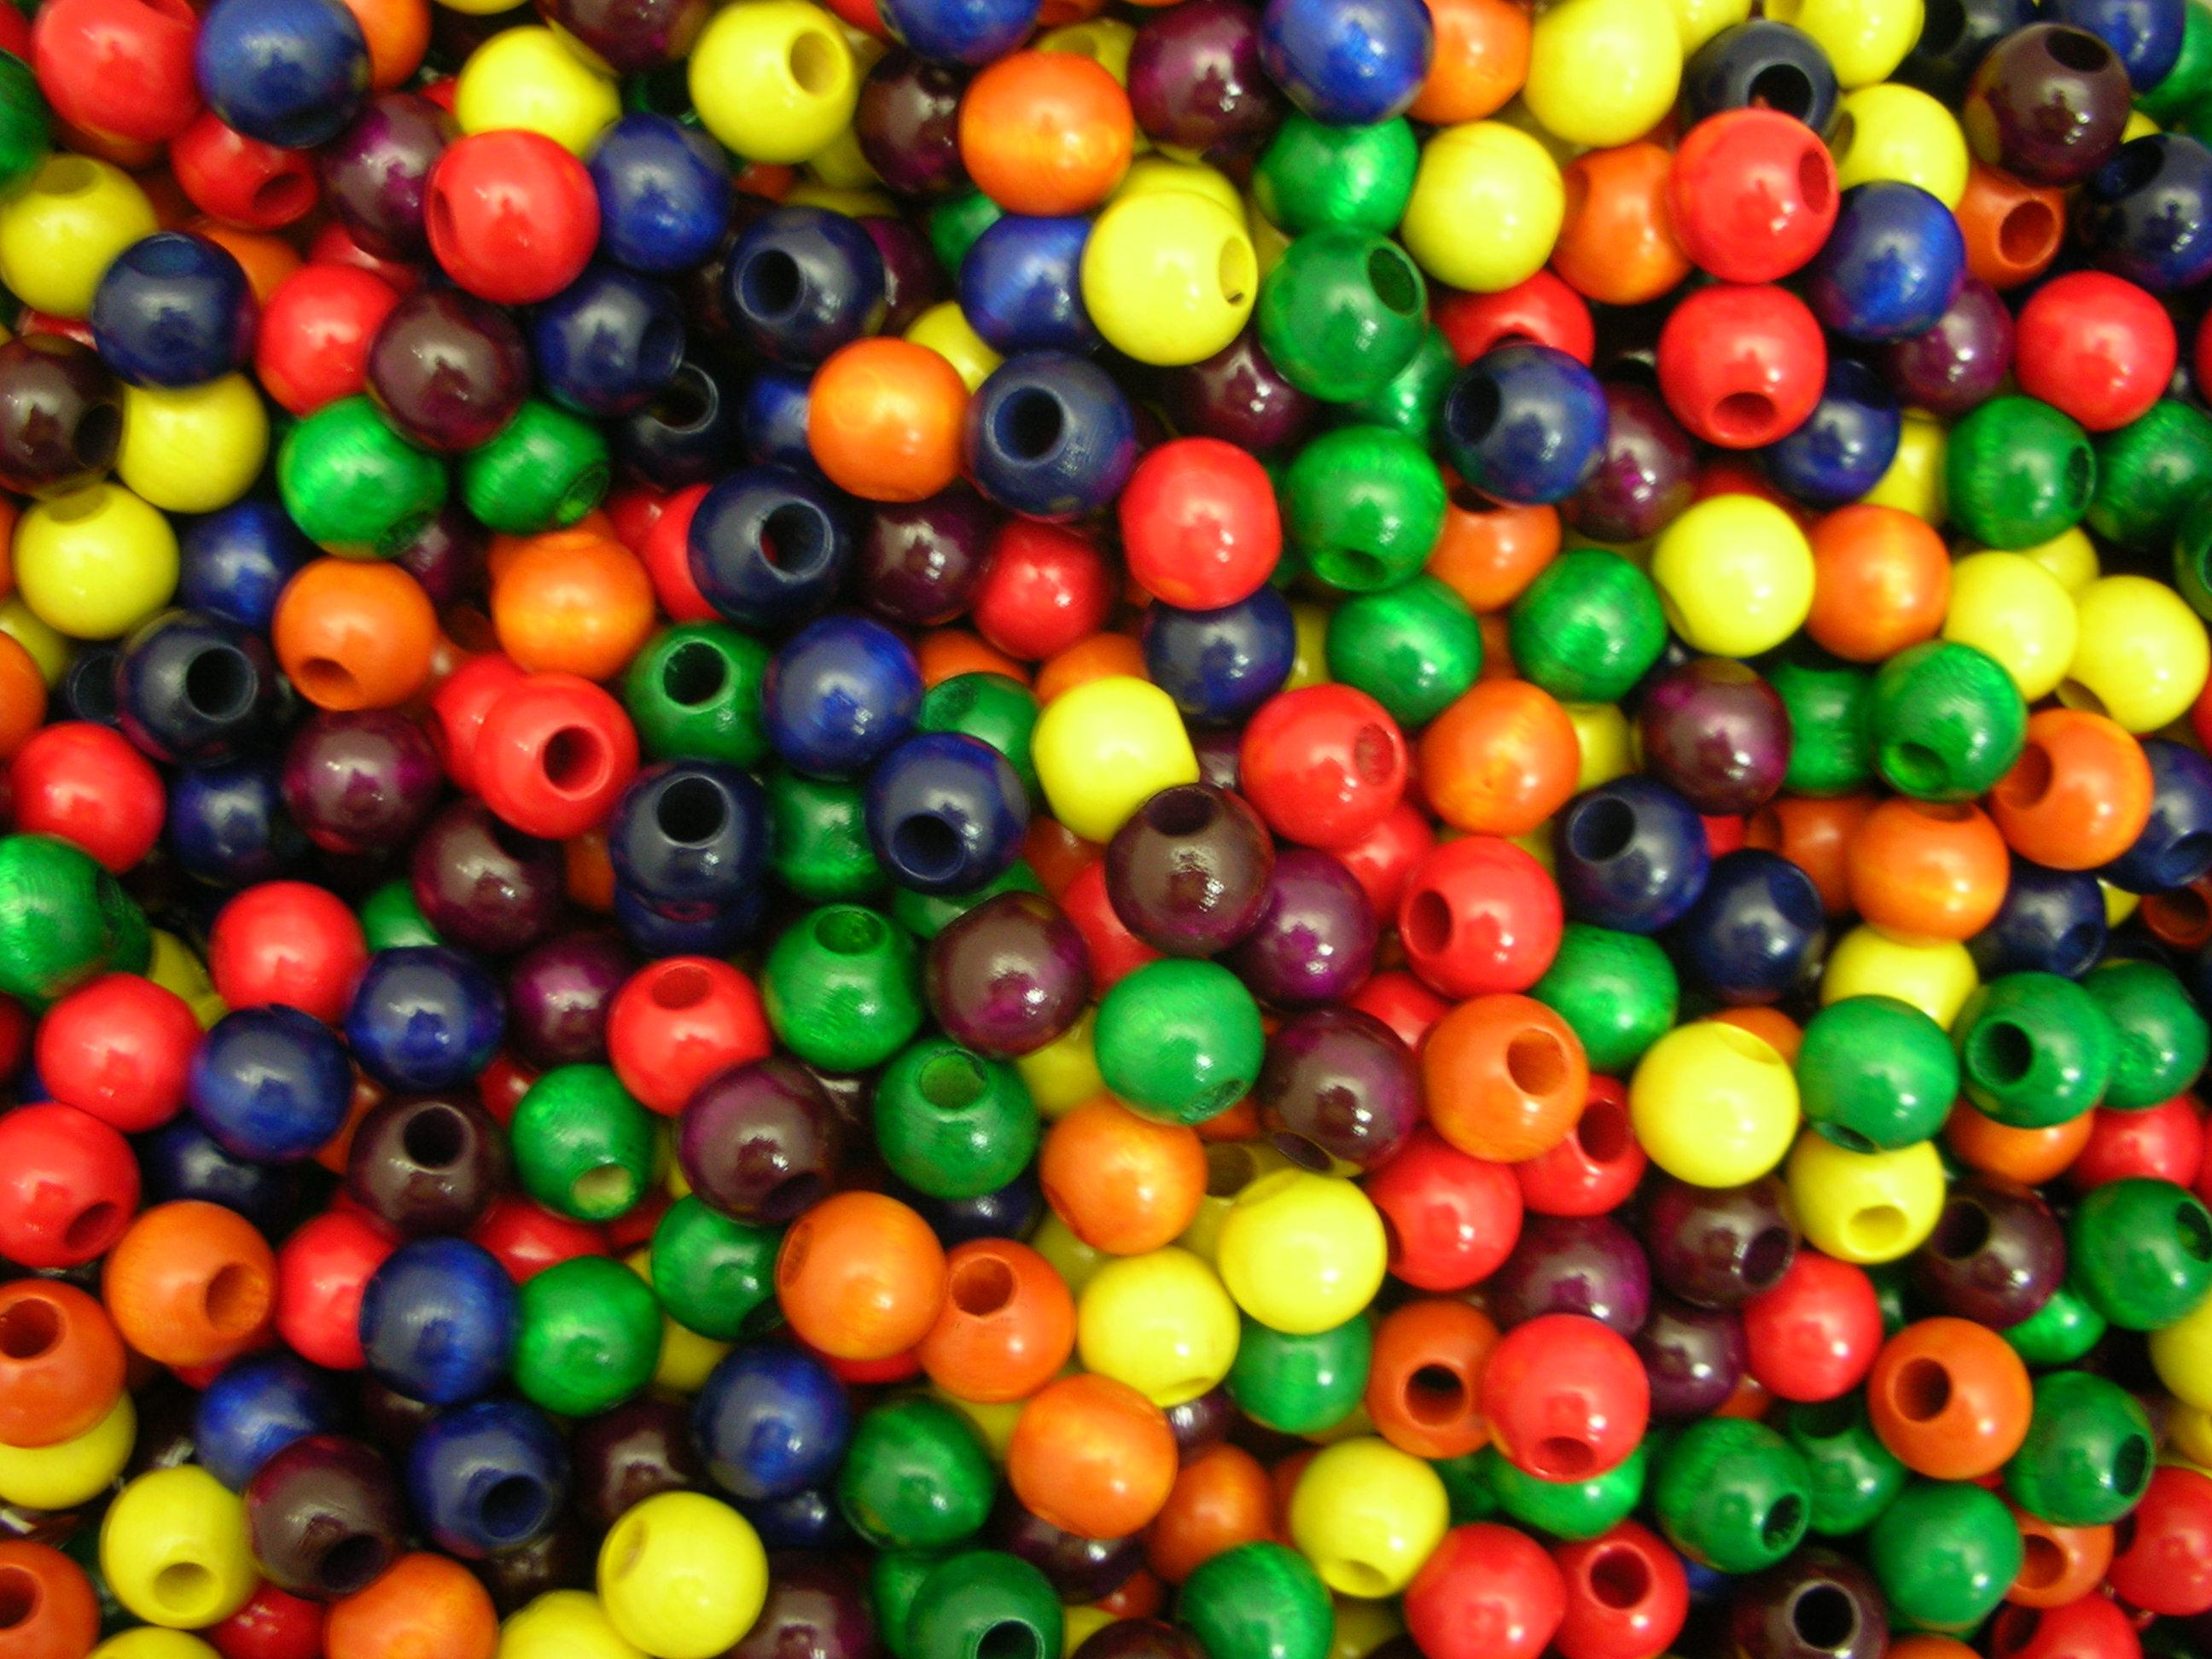 6色ビーズ(6色×20個) ~積み木遊びが広がる木のビーズです。大穴と小穴があります。~